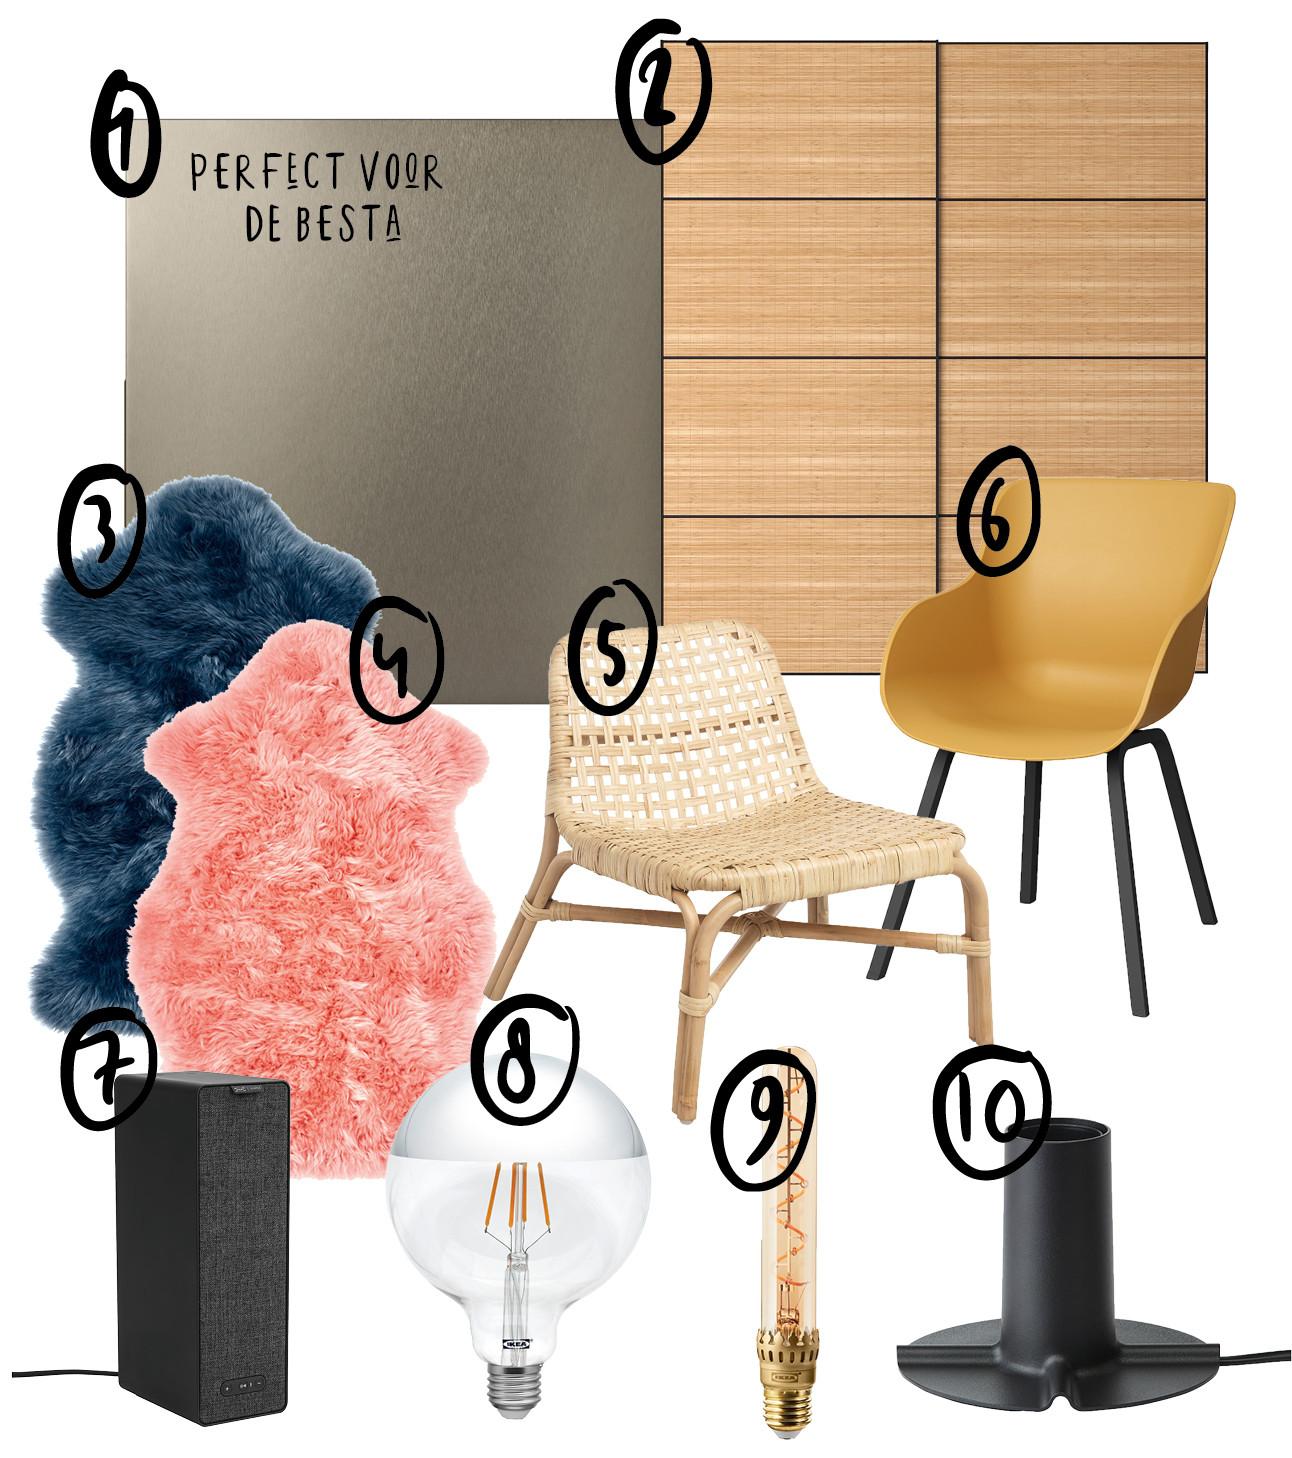 Lil en 10 Ikea producten die ze moet hebben